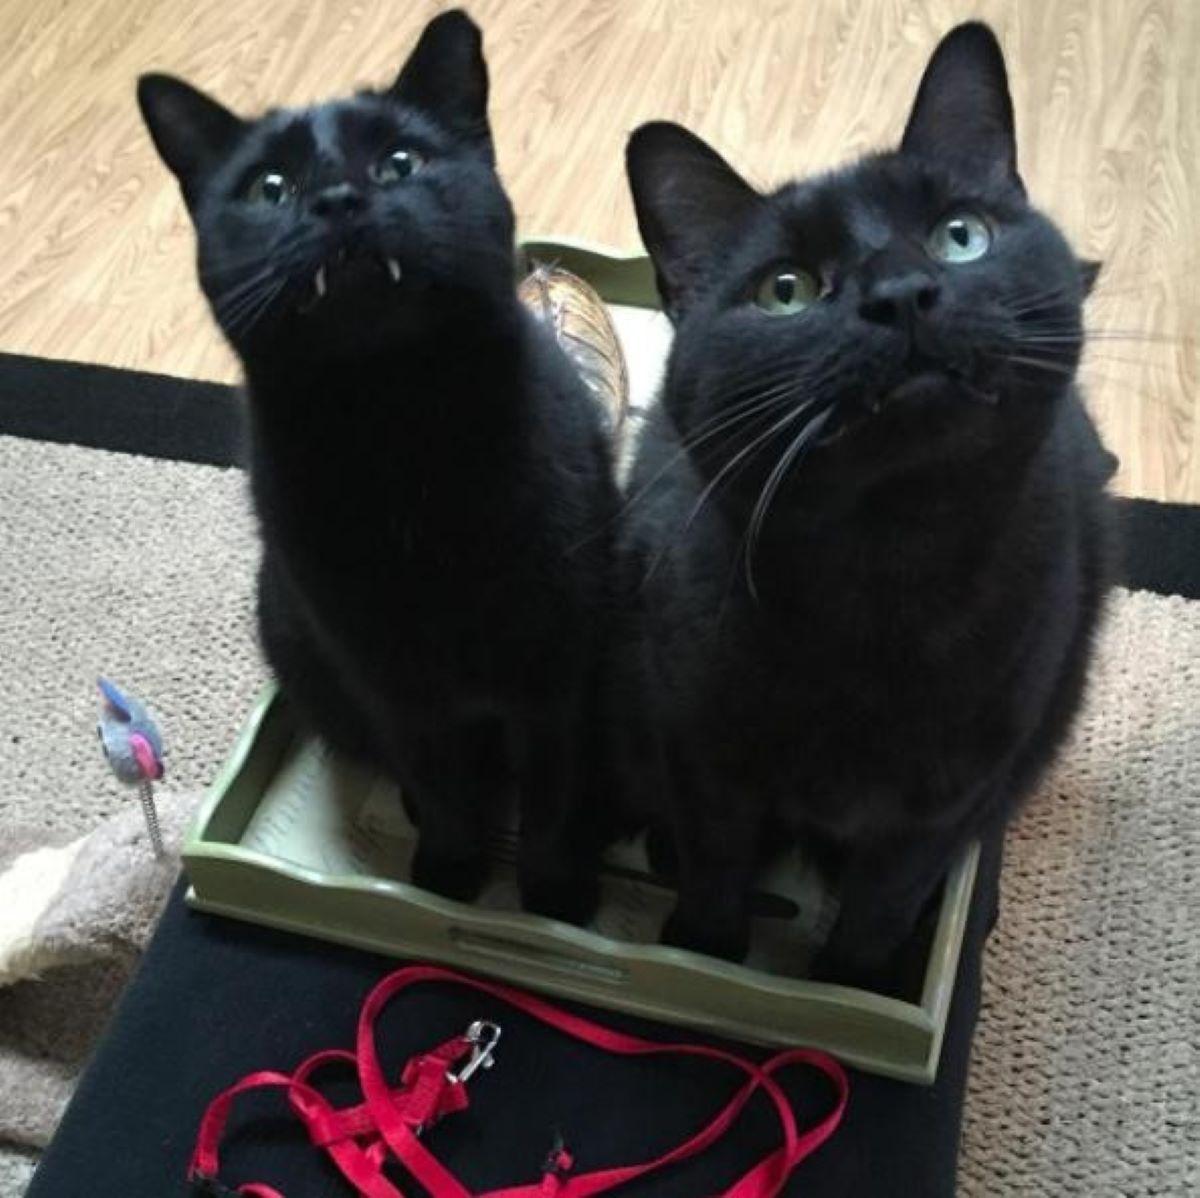 gatti-neri-nella-scatola